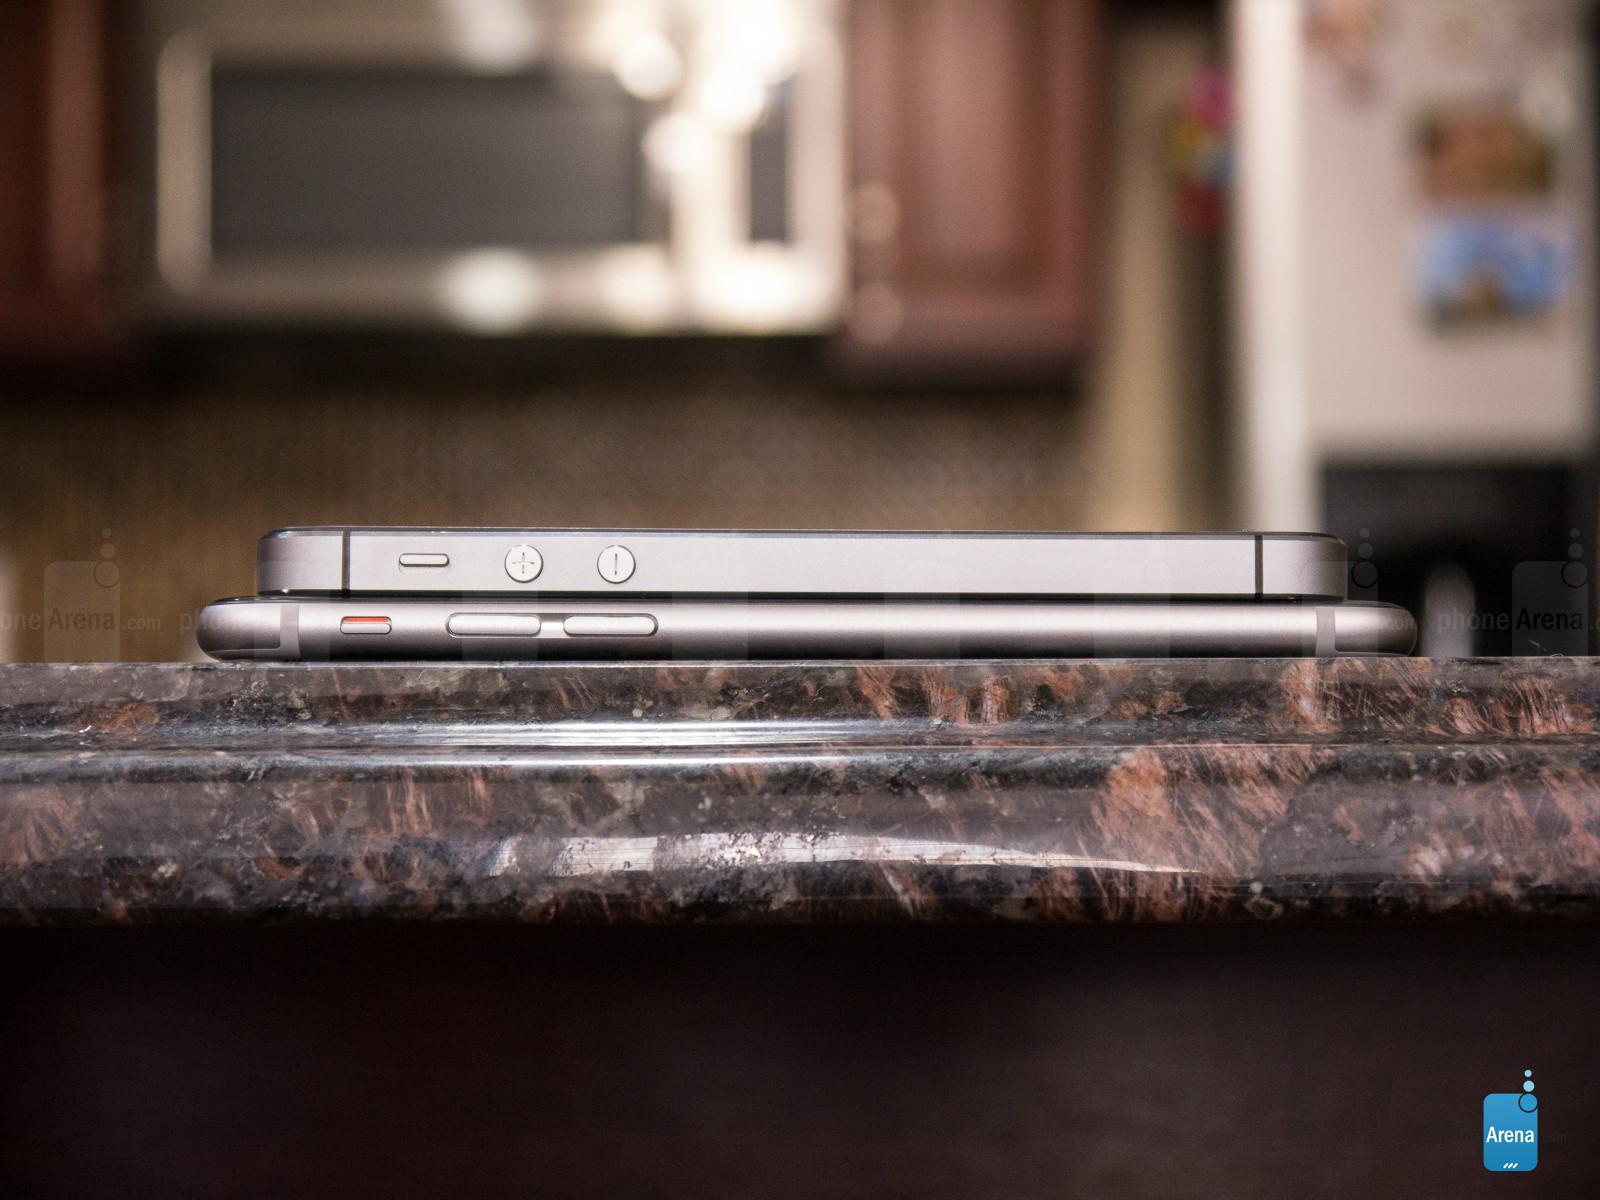 1420271299_iphone-6-iphone-6-plus-vs-iphone-5s-8.jpg